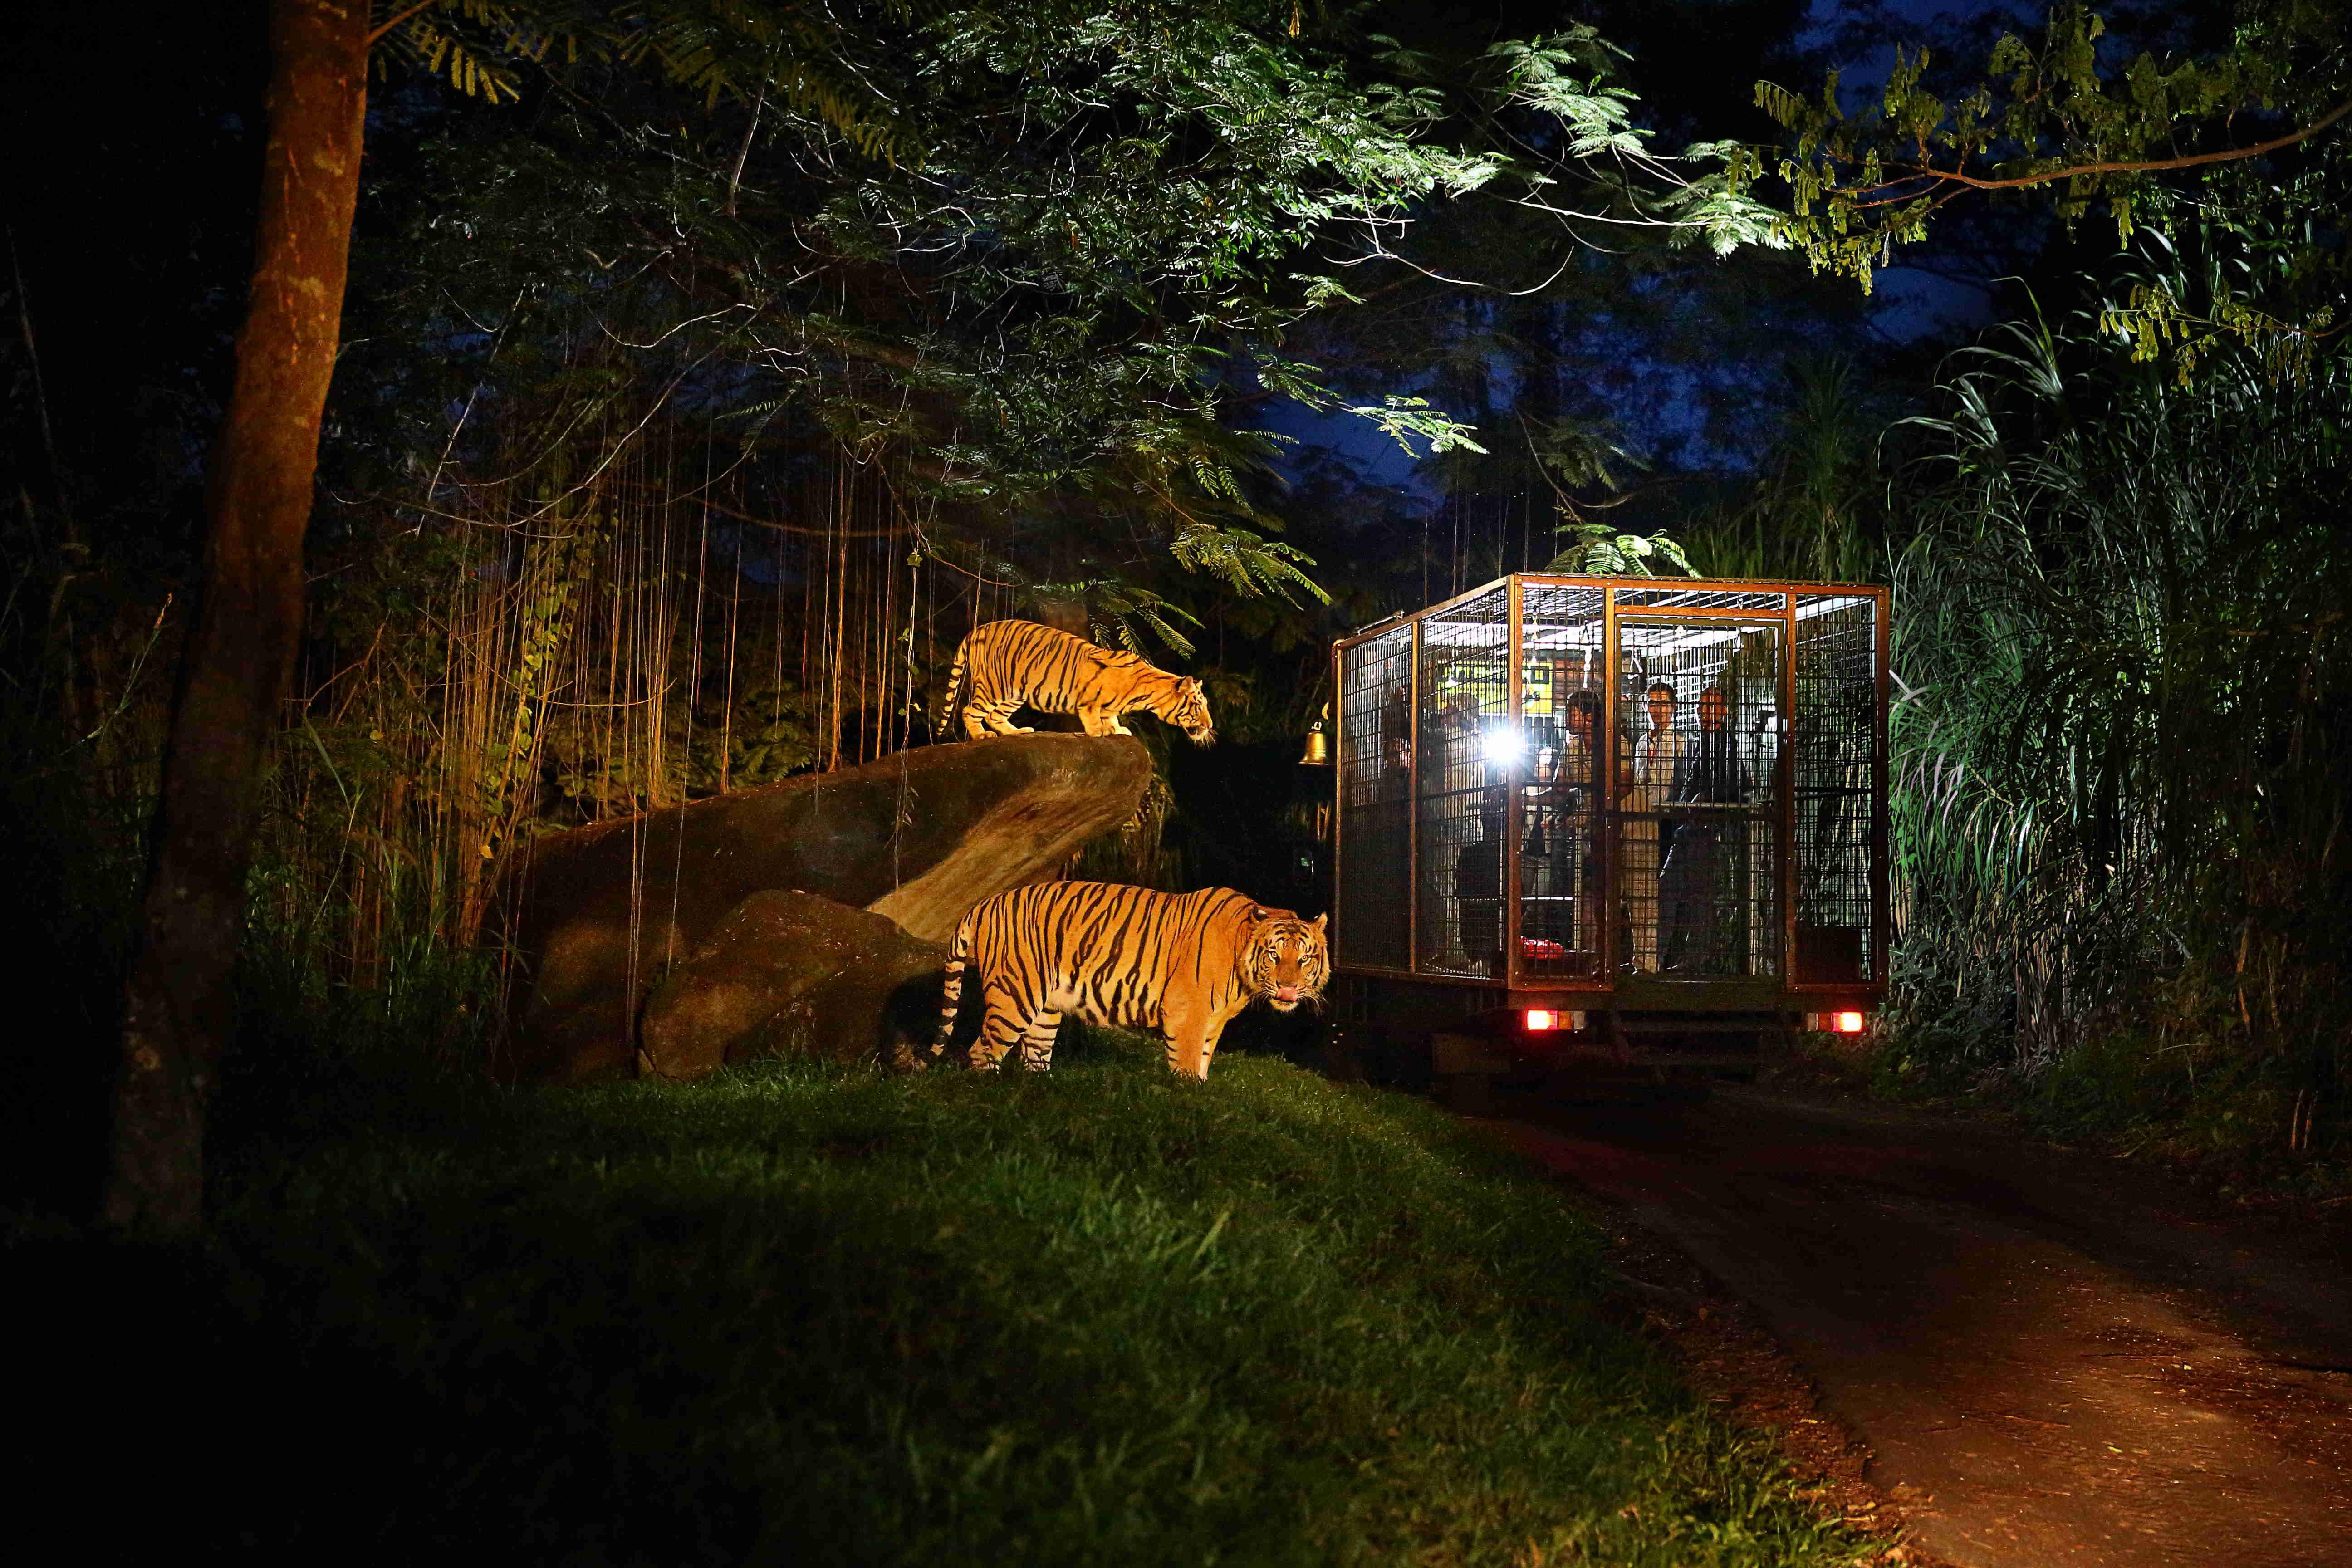 印度尼西亚 · 巴厘岛野生动物园门票